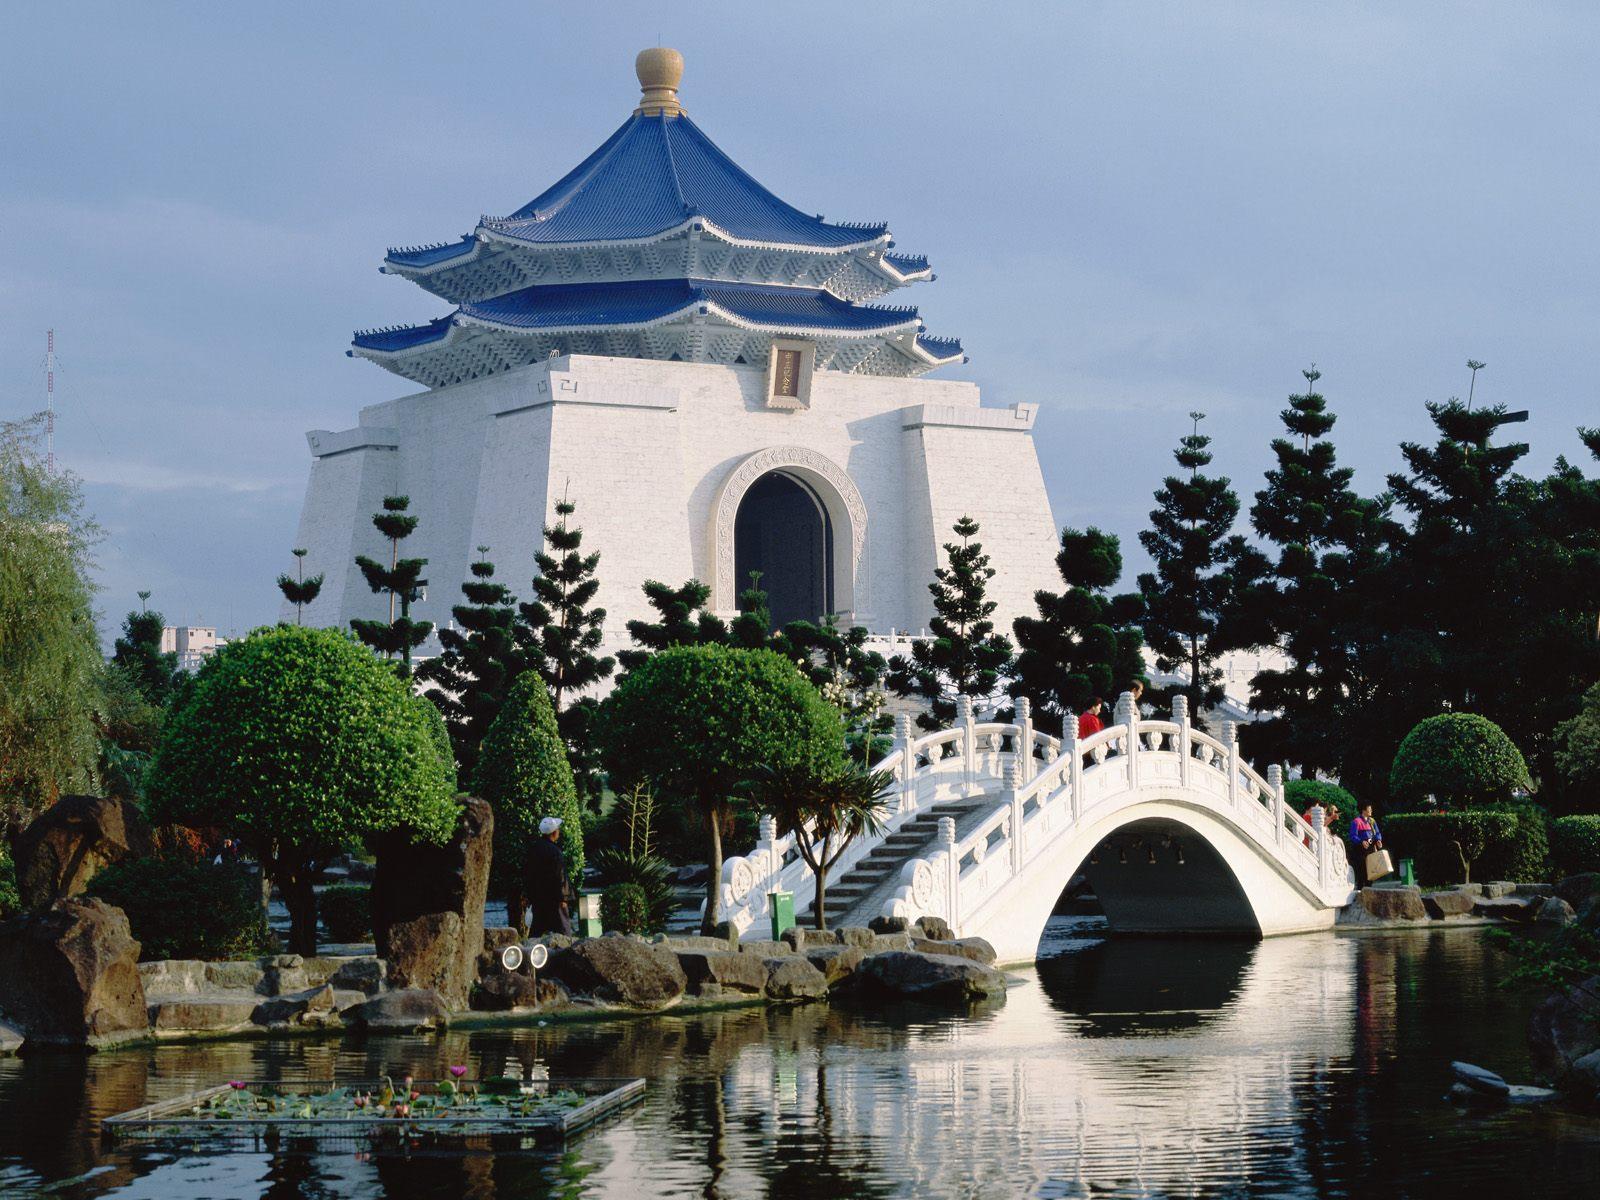 http://1.bp.blogspot.com/-6KFmFiMIuno/Tiric3Dkj_I/AAAAAAAAH7c/jSlr4DqCpa0/s1600/www.cbaw.co.cc+-+Asia+Best+Tourist+Place+To+Visit+HD+Wallpaper+%25284%2529.jpg